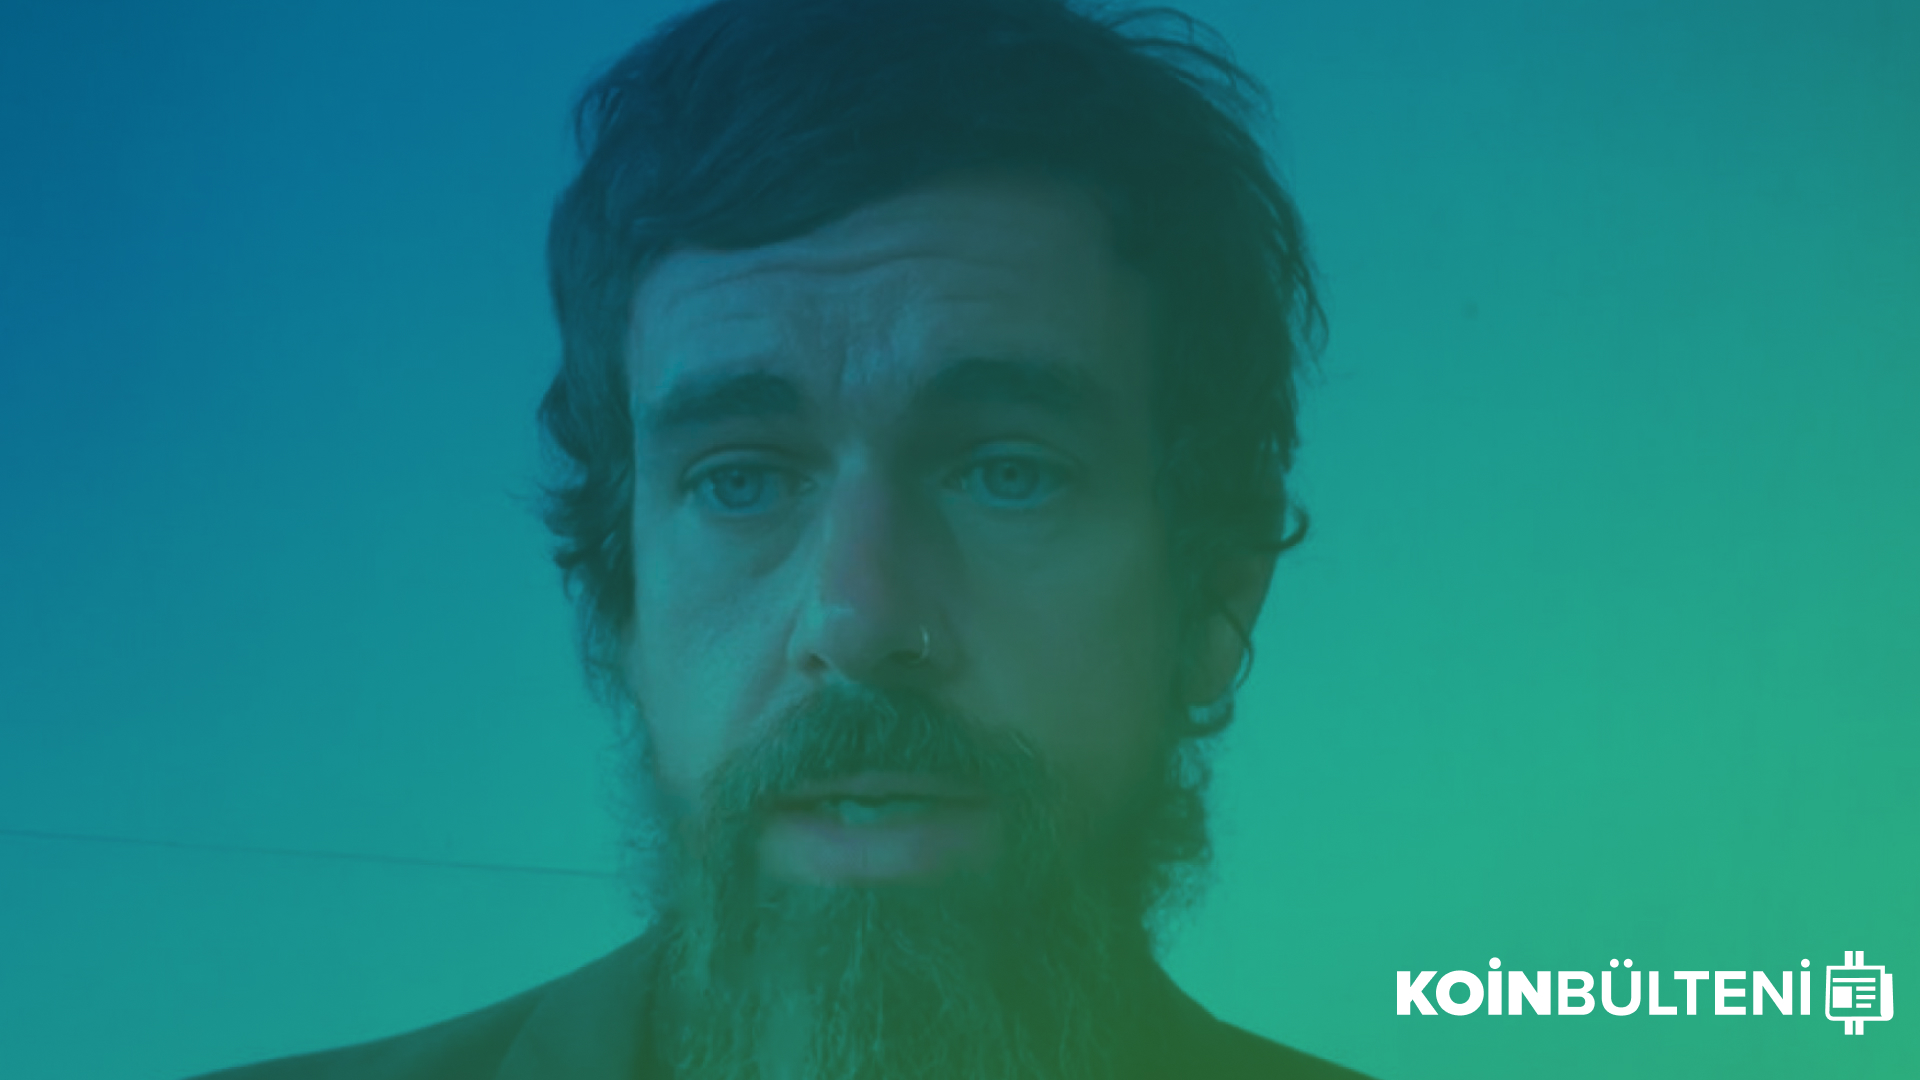 koinbulteni.com